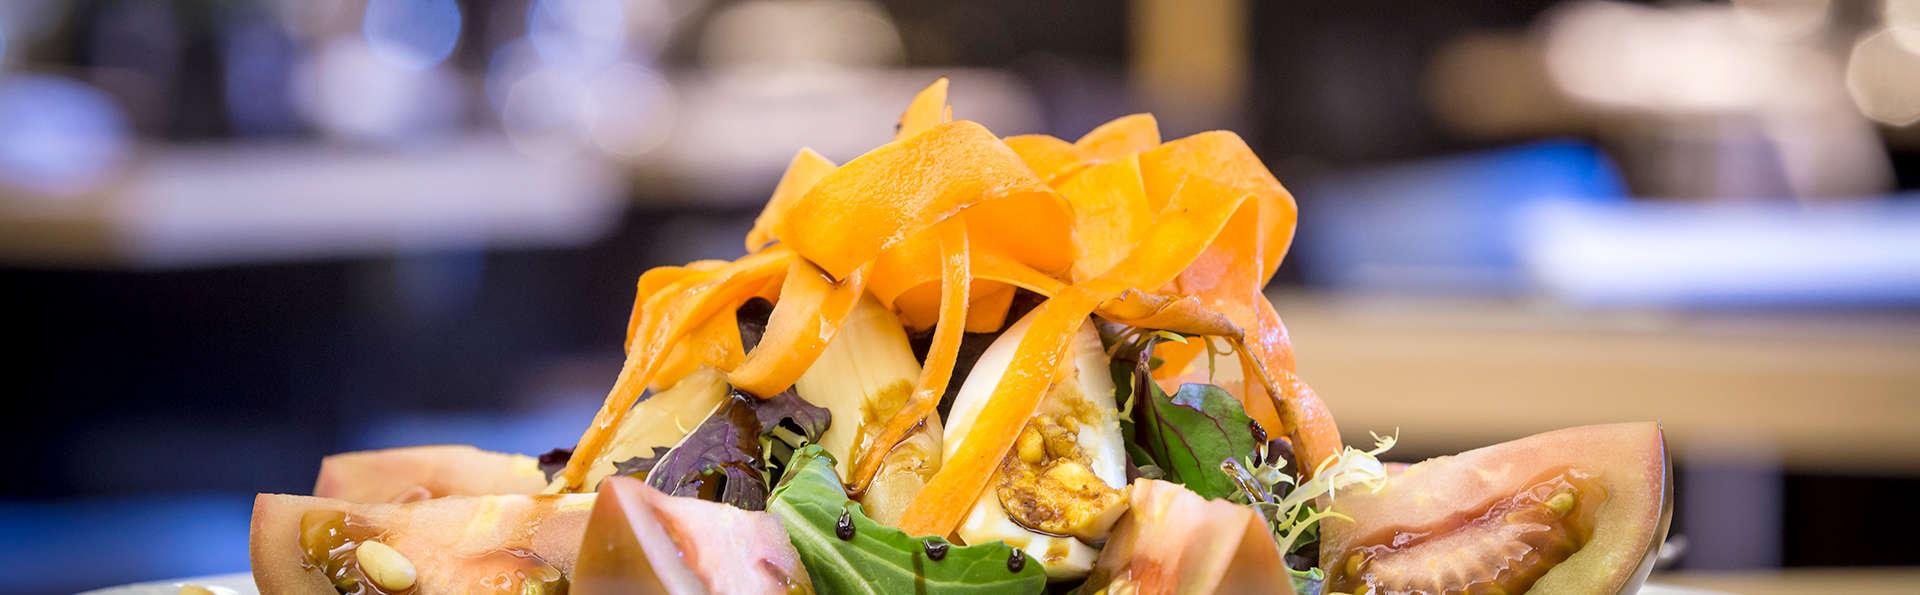 Descubre el nuevo concepto gastronómico de Andorra con cena